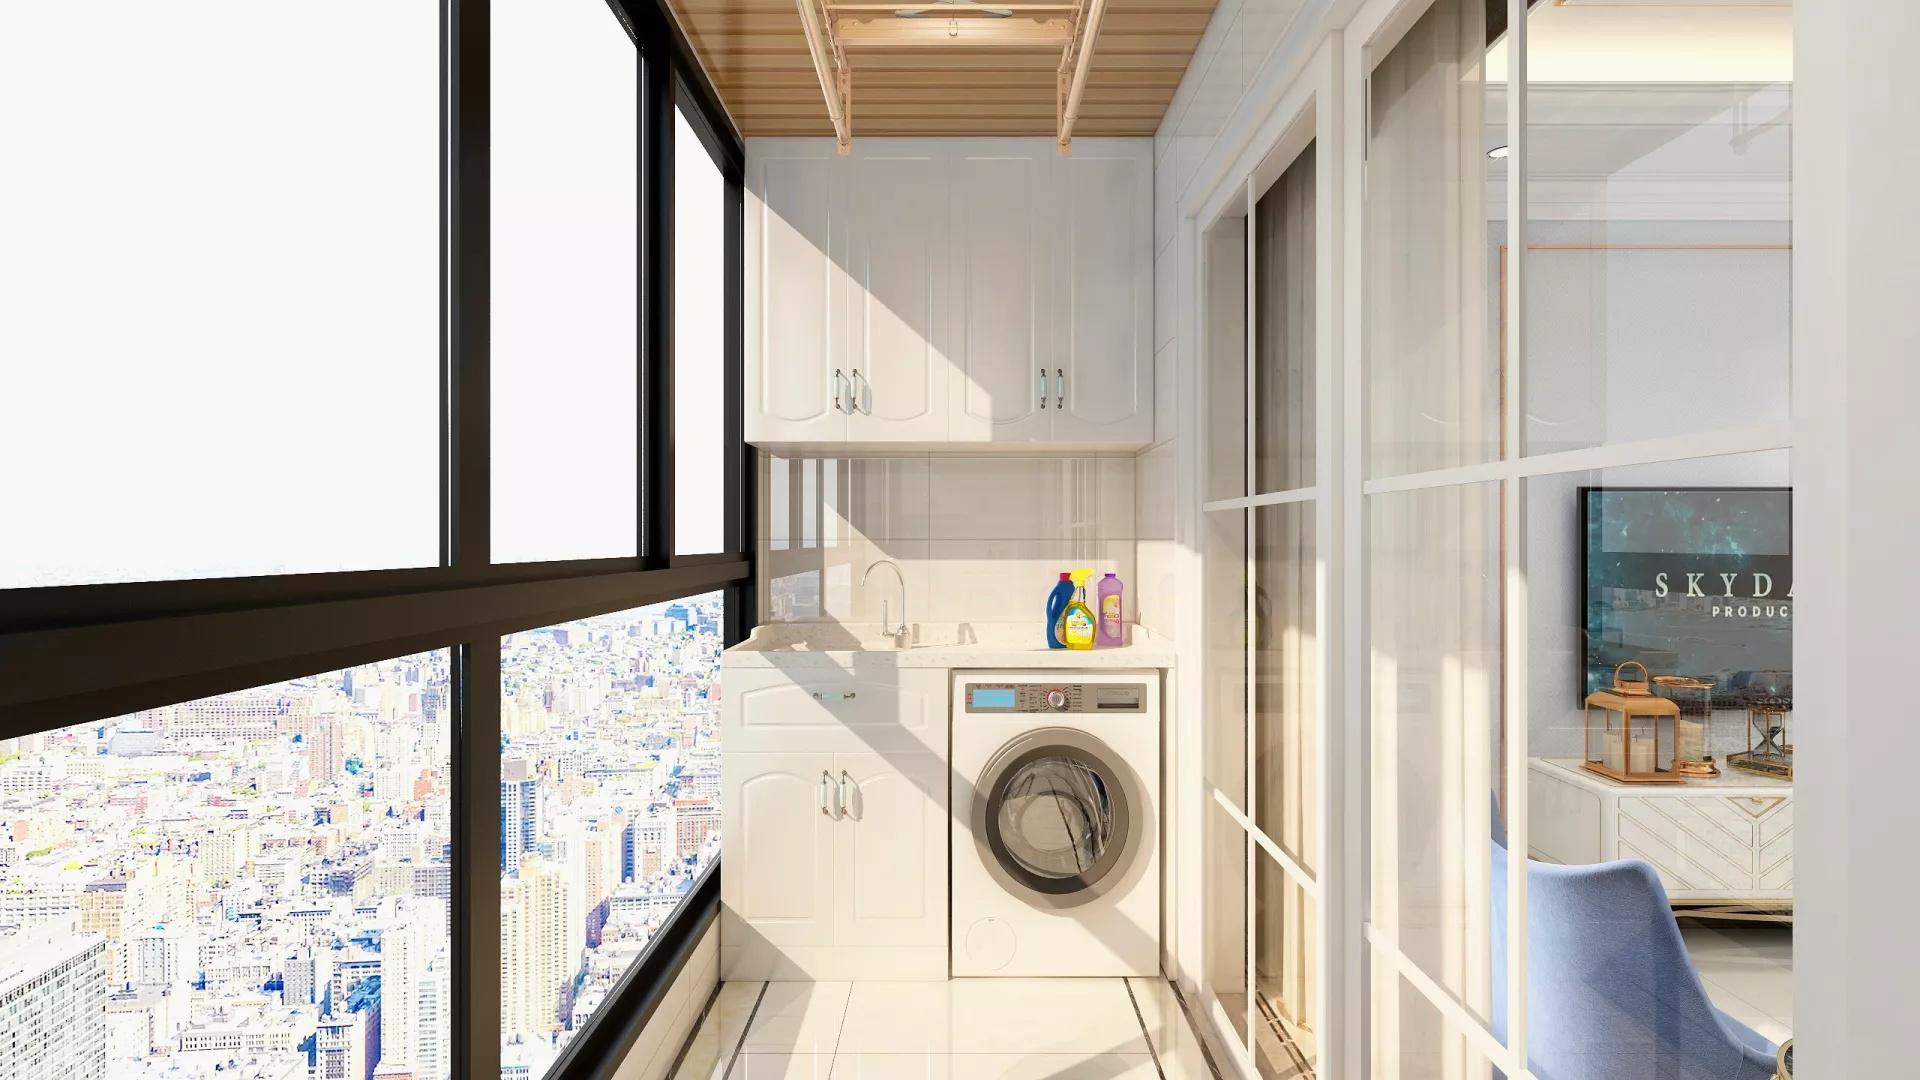 集成吊顶排气扇的安装方法  集成吊顶排气扇保养方法